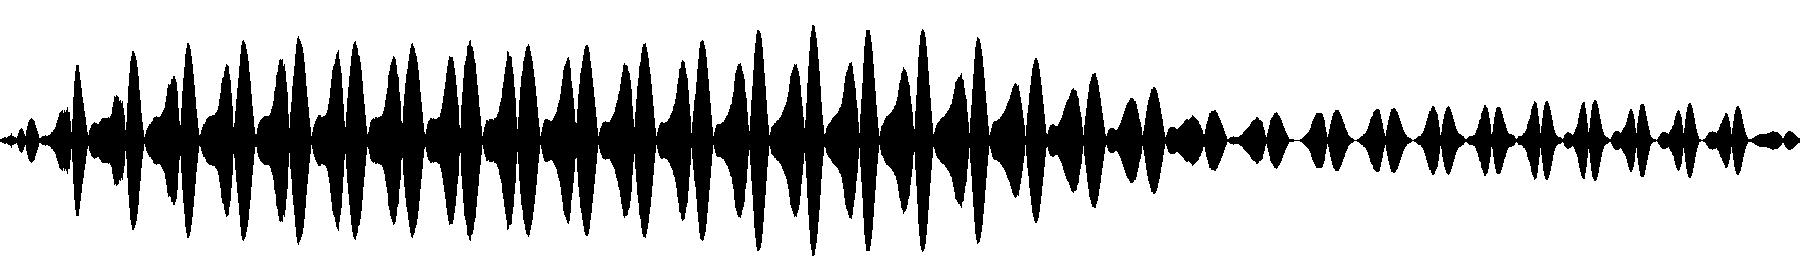 gia sound 04 d2